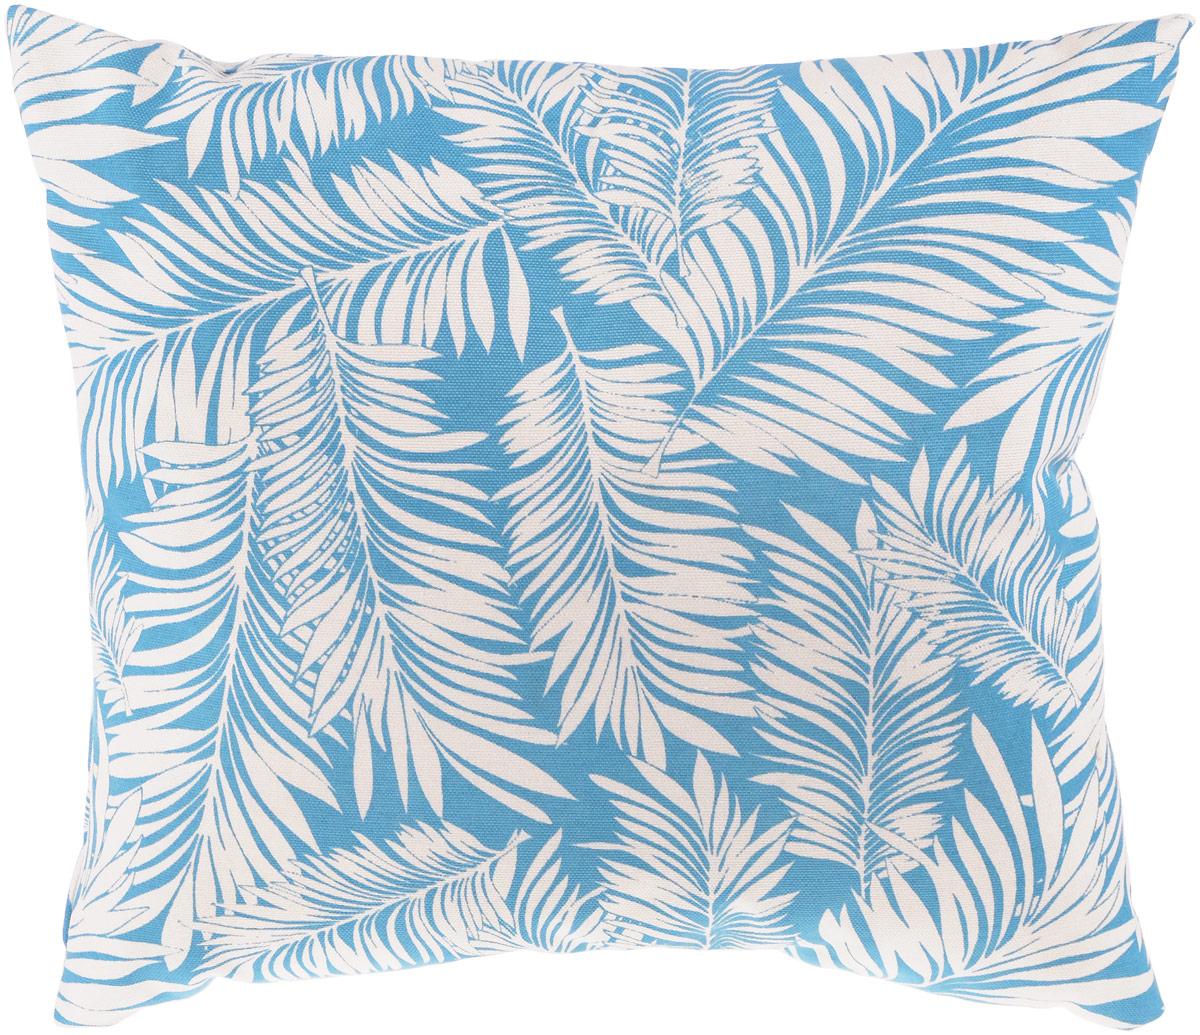 Подушка декоративная KauffOrt Лазурный берег, цвет: голубой, белый, 40 x 40 см531-401Декоративная подушка Лазурный берег прекрасно дополнит интерьер спальни или гостиной. Очень нежный на ощупь чехол подушки выполнен из 75% хлопка и 25% полиэстера. Внутри находится мягкий наполнитель. Чехол легко снимается благодаря потайной молнии.Красивая подушка создаст атмосферу уюта и комфорта в спальне и станет прекрасным элементом декора.